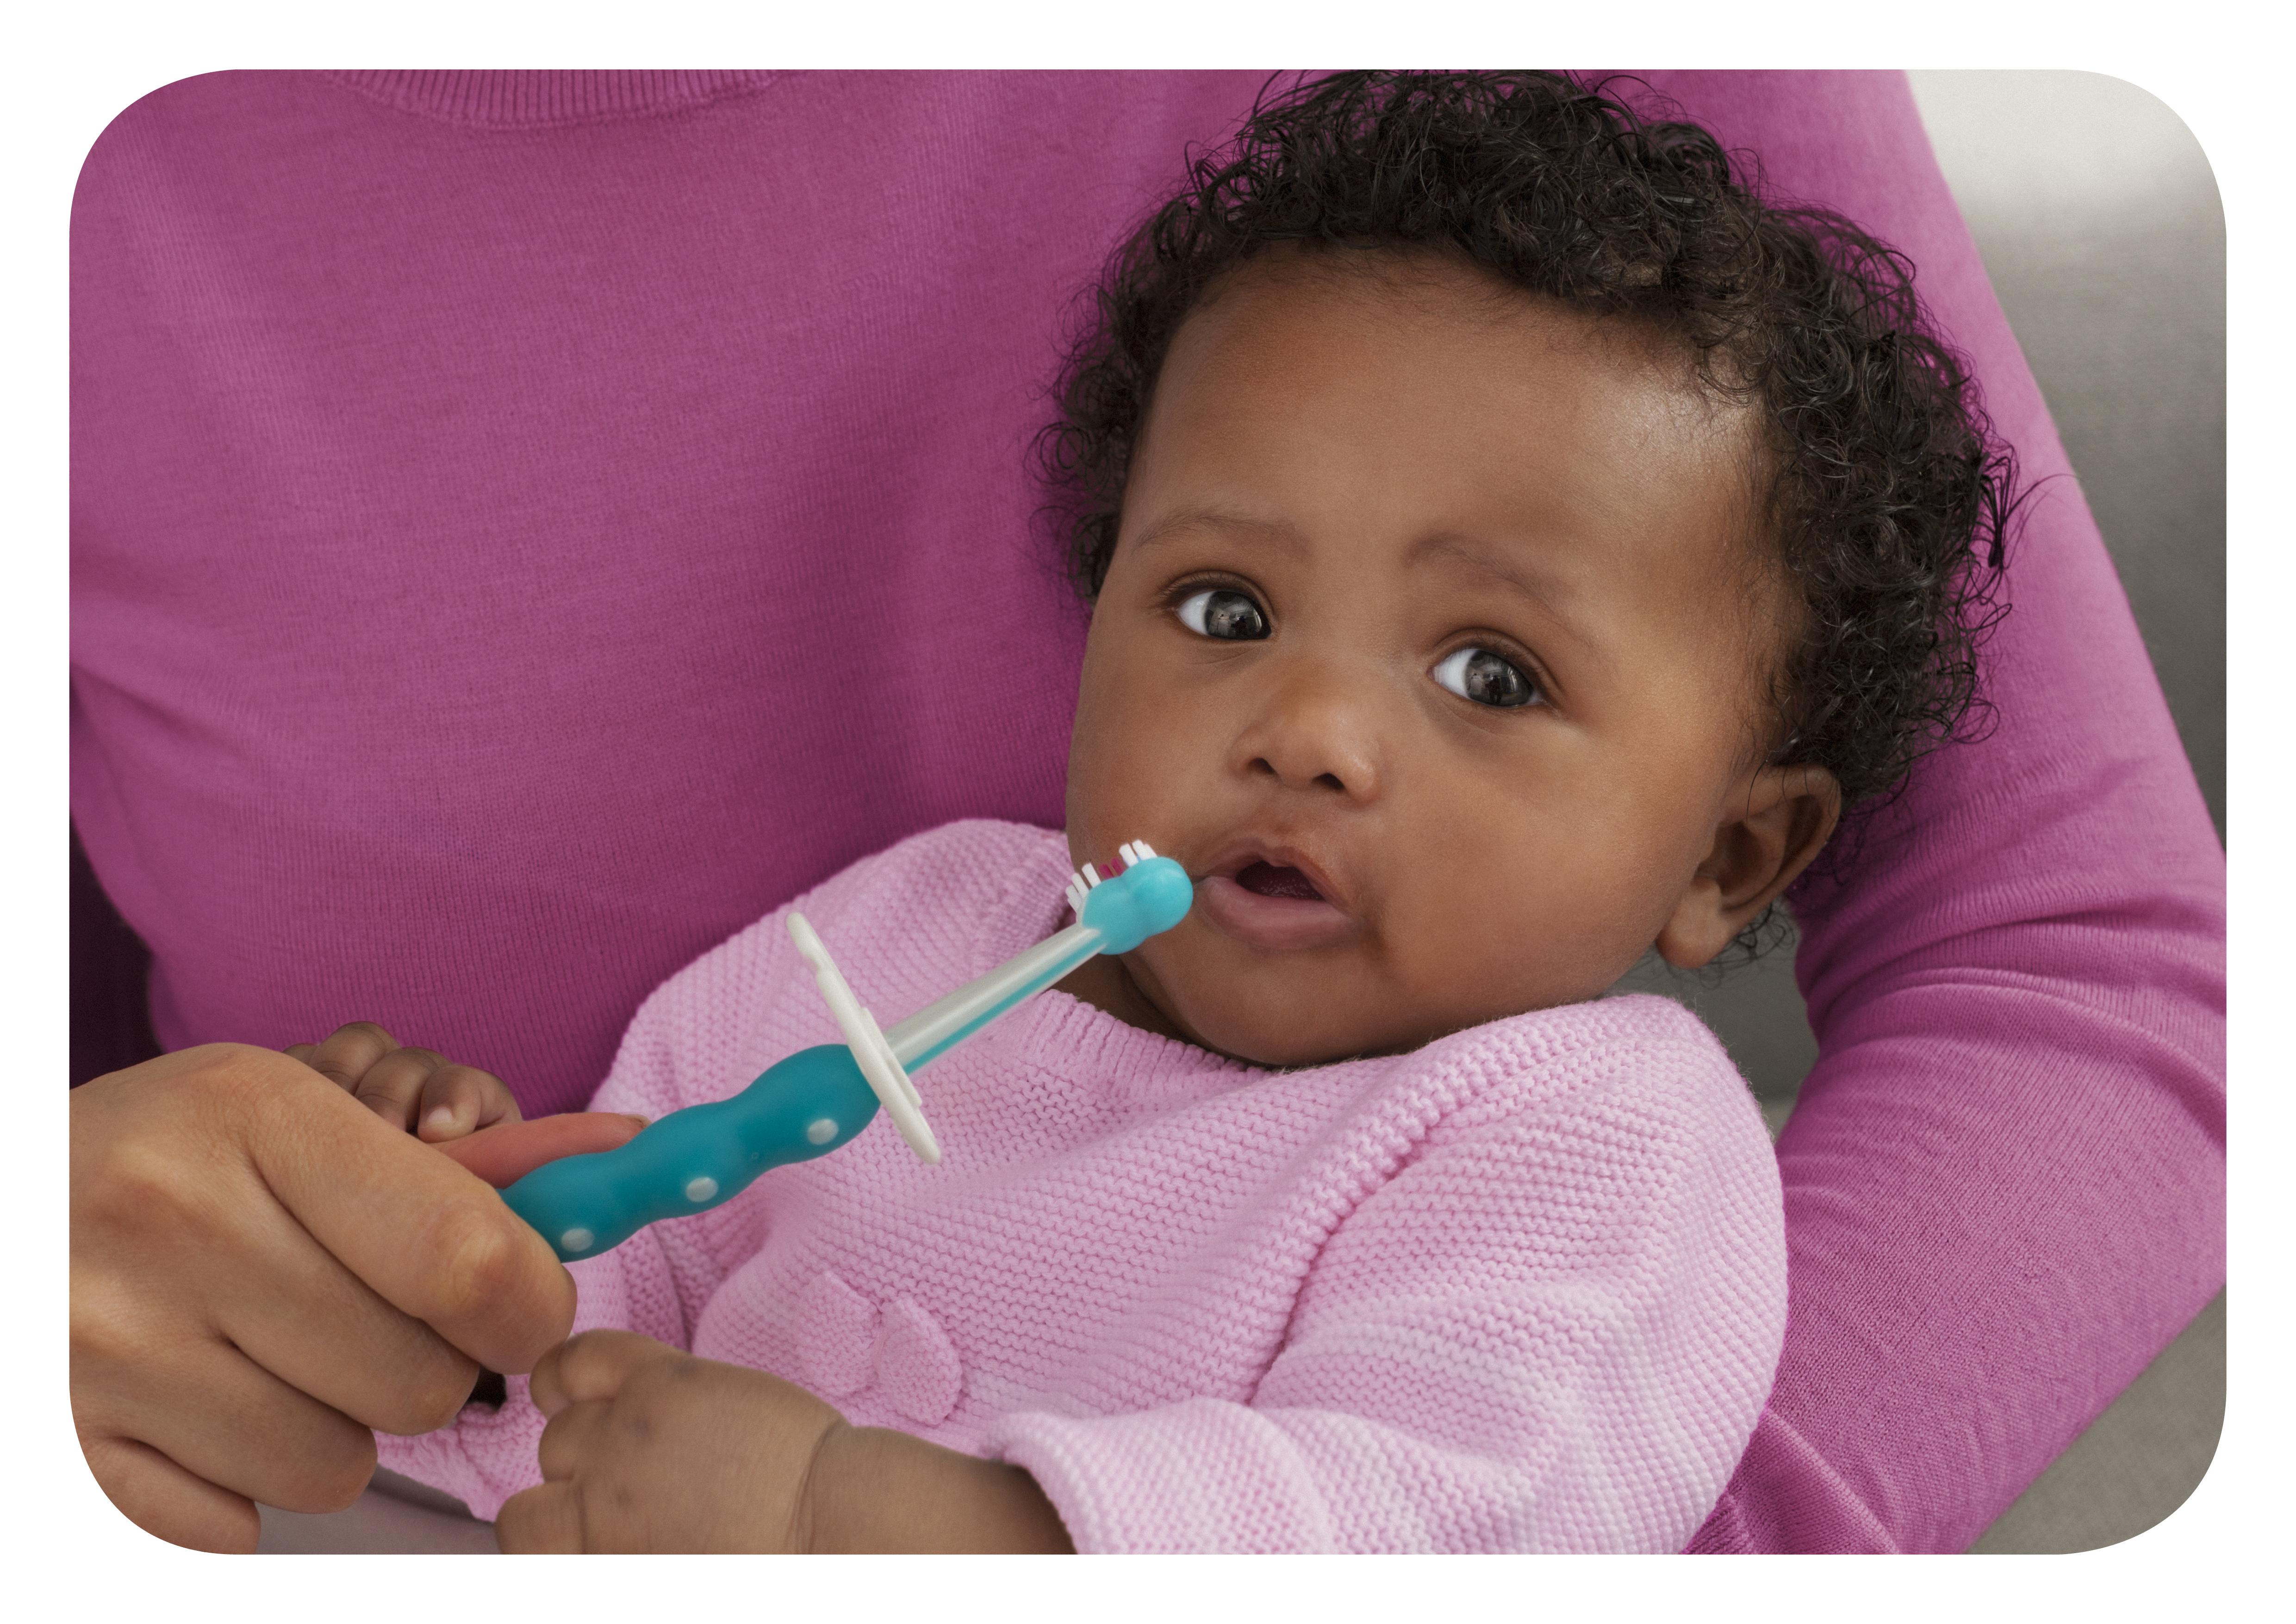 hvornår skal man børste tænder